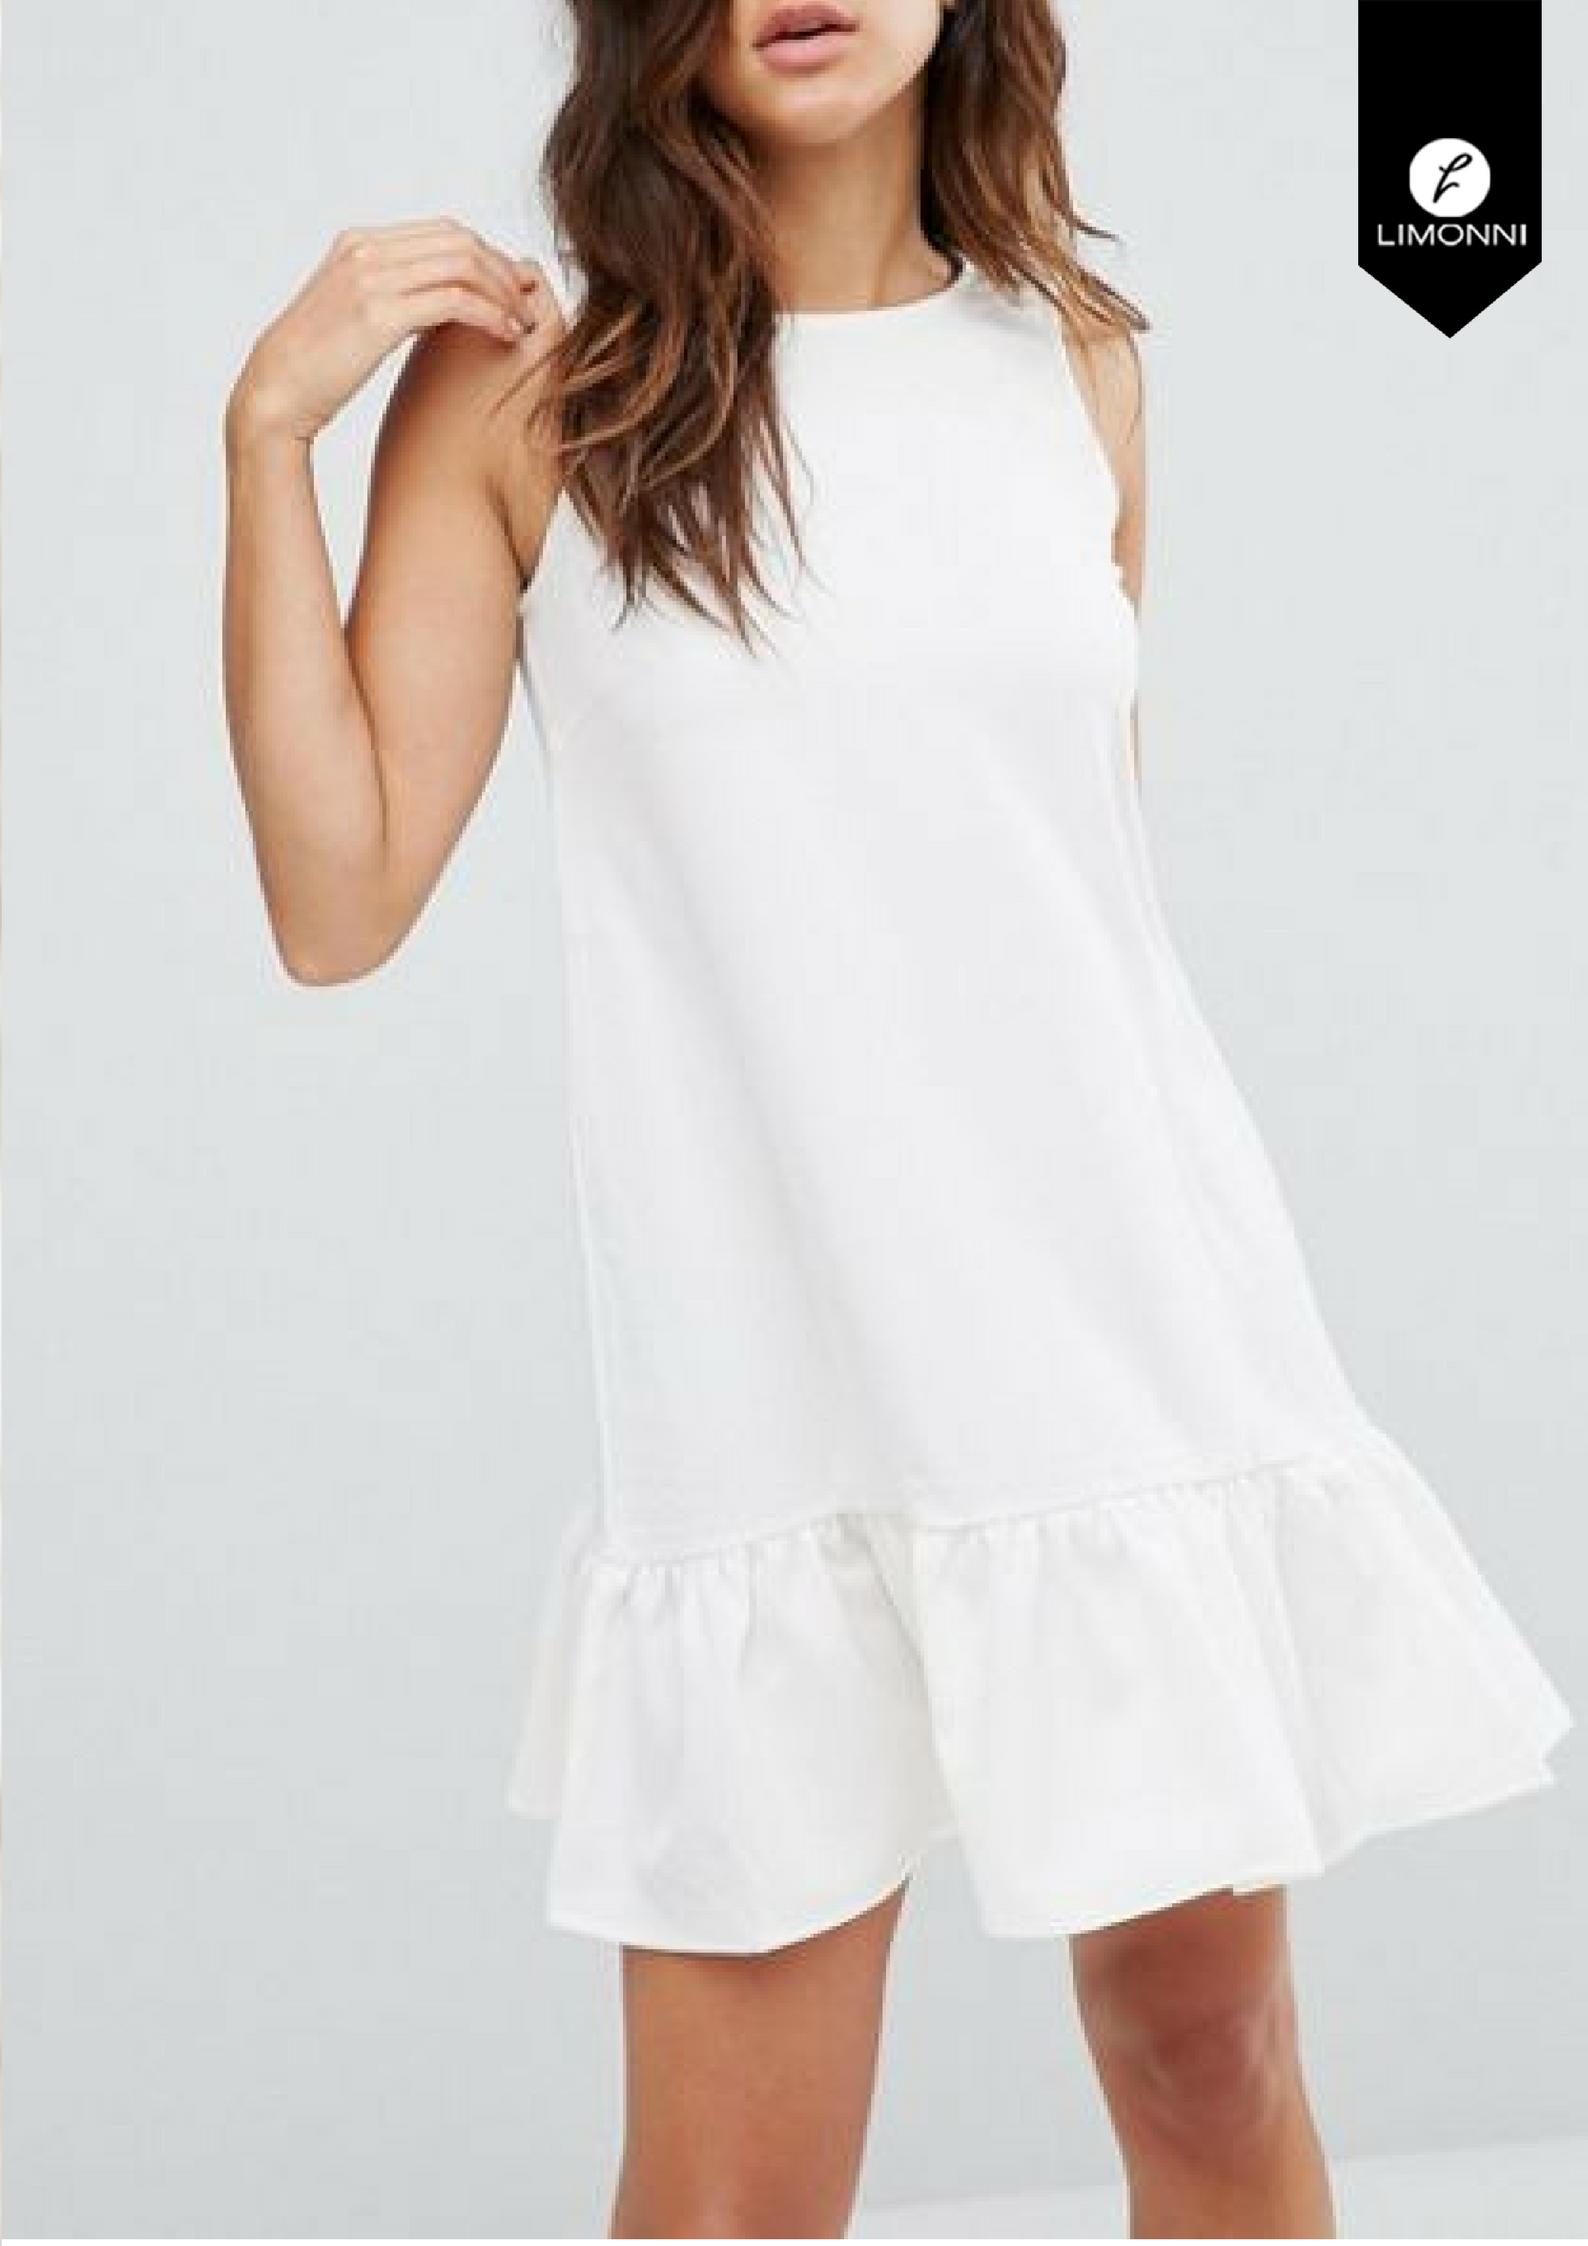 Vestidos para mujer Limonni Limonni LI1498 Cortos Casuales